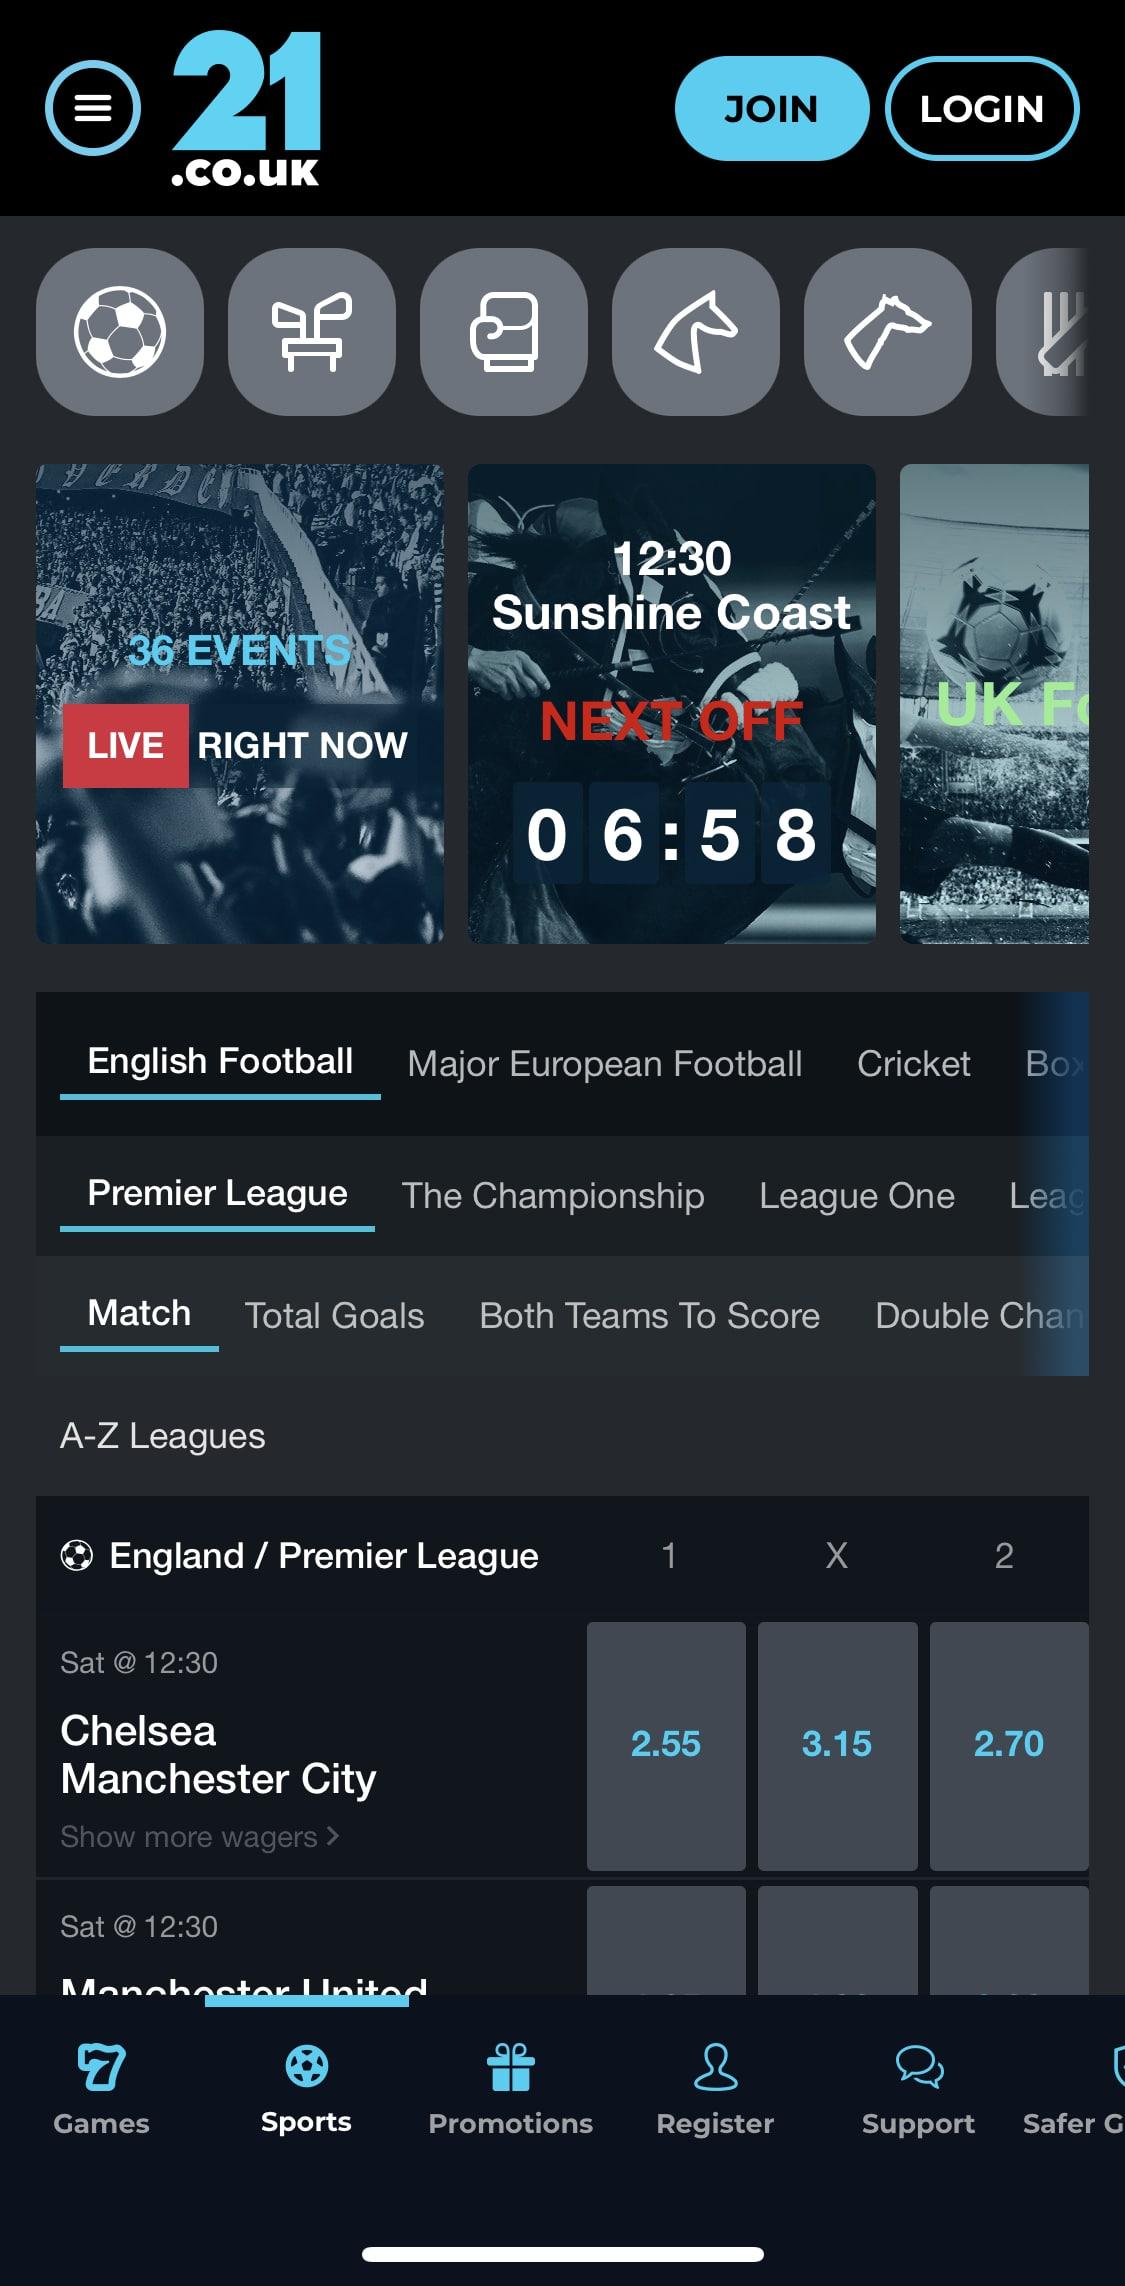 21co.uk app